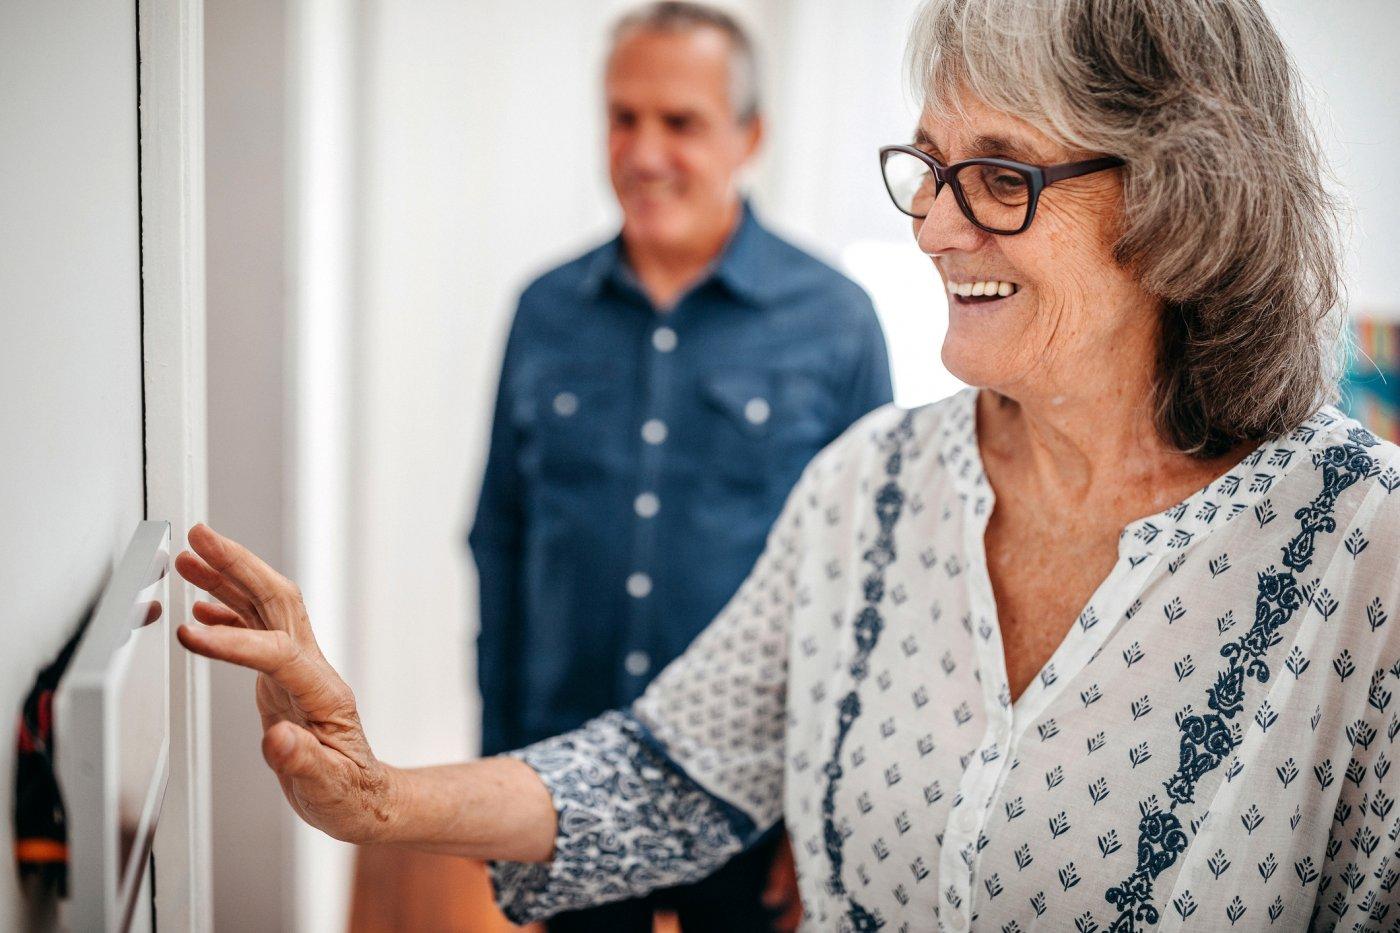 En eldre kvinne endrer innstillinger på et digitalt veggpanel.